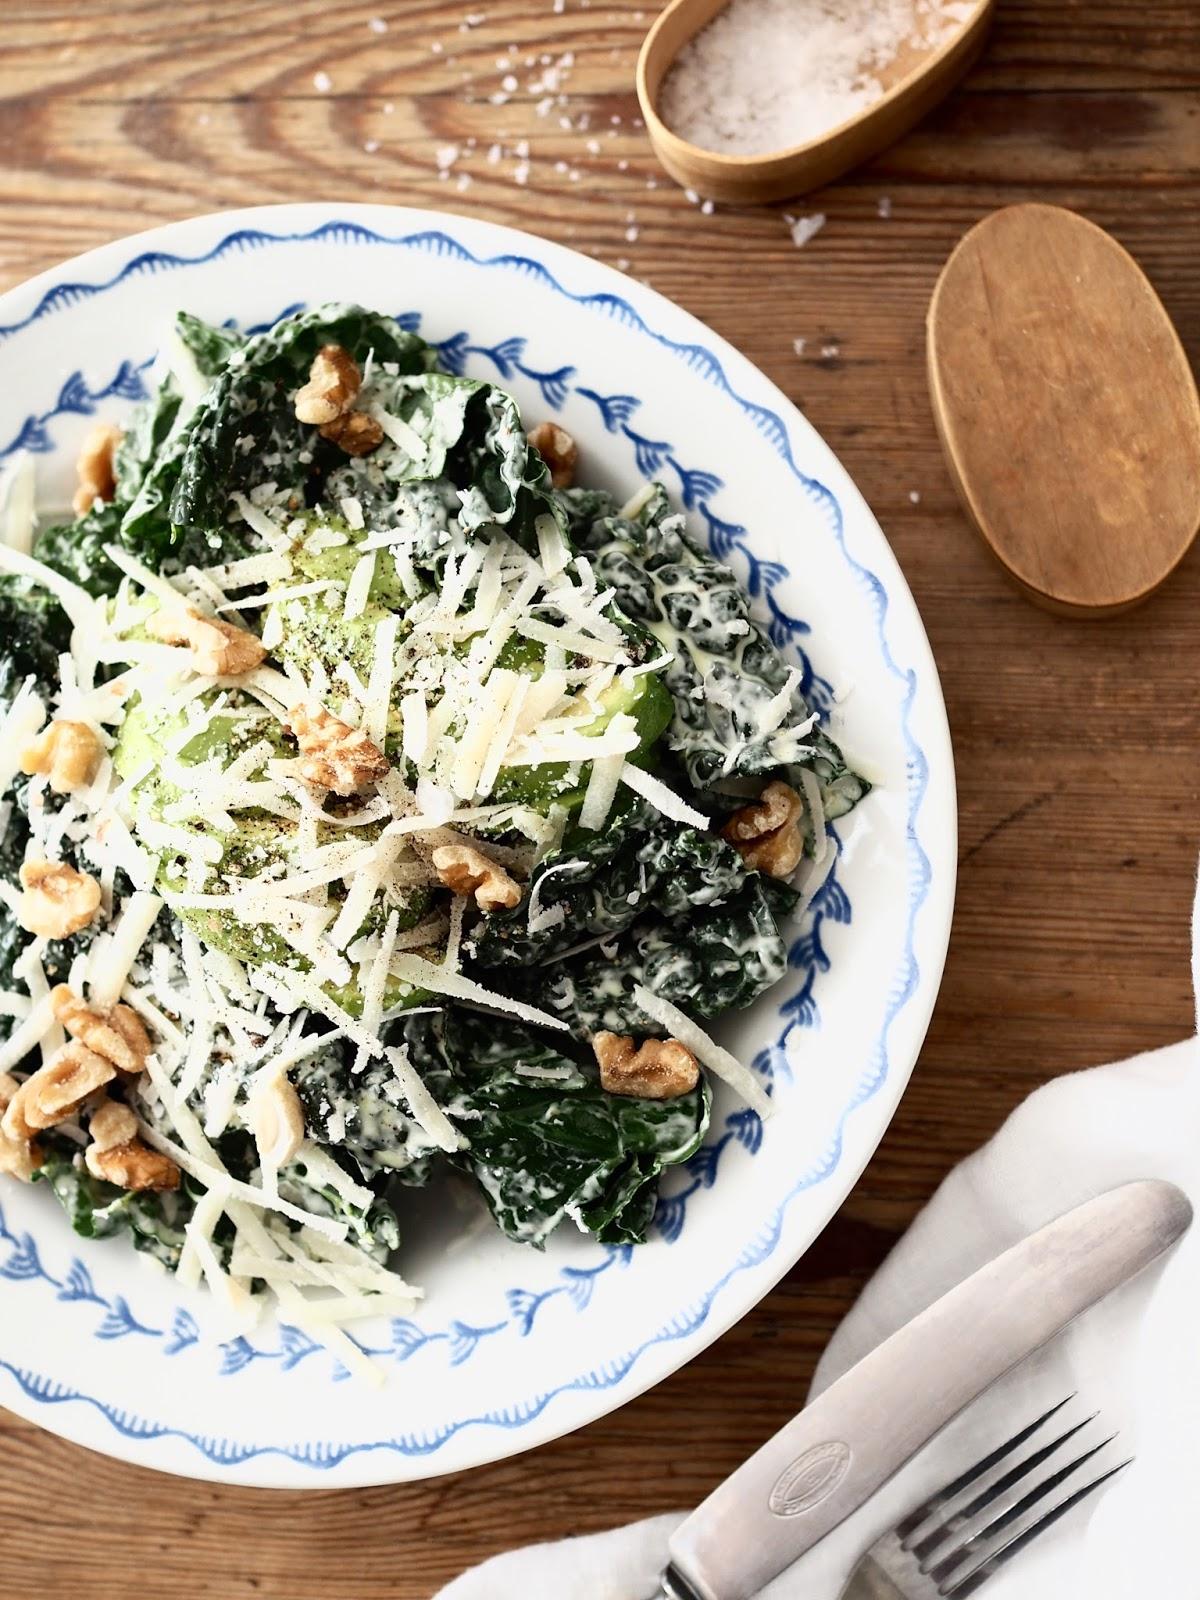 Caesarsalaatti, caesarsalaatti mustakaalista, mustakaalisalaatti, lehtikaalicaesar, gluteeniton caesarsalaatti